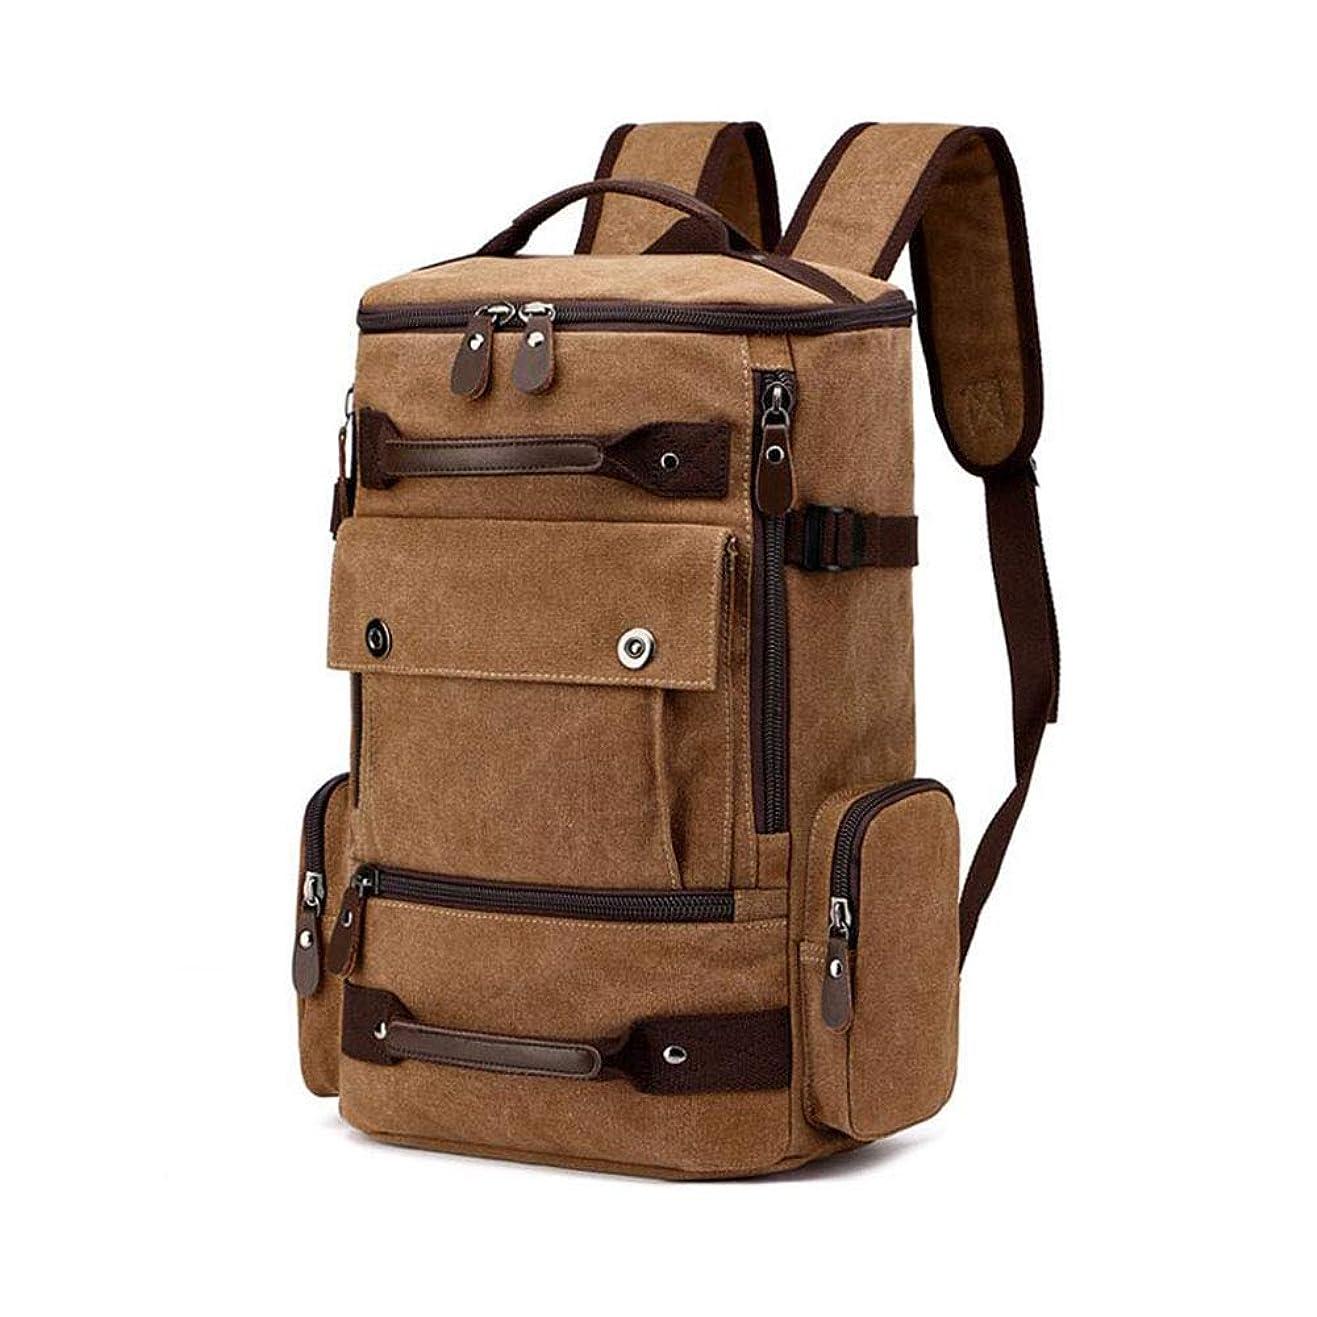 永続顧問積極的にバックパック、メンズレジャー大容量キャンバス旅行リュックサック屋外スポーツバッグ大容量多機能登山バッグ,A